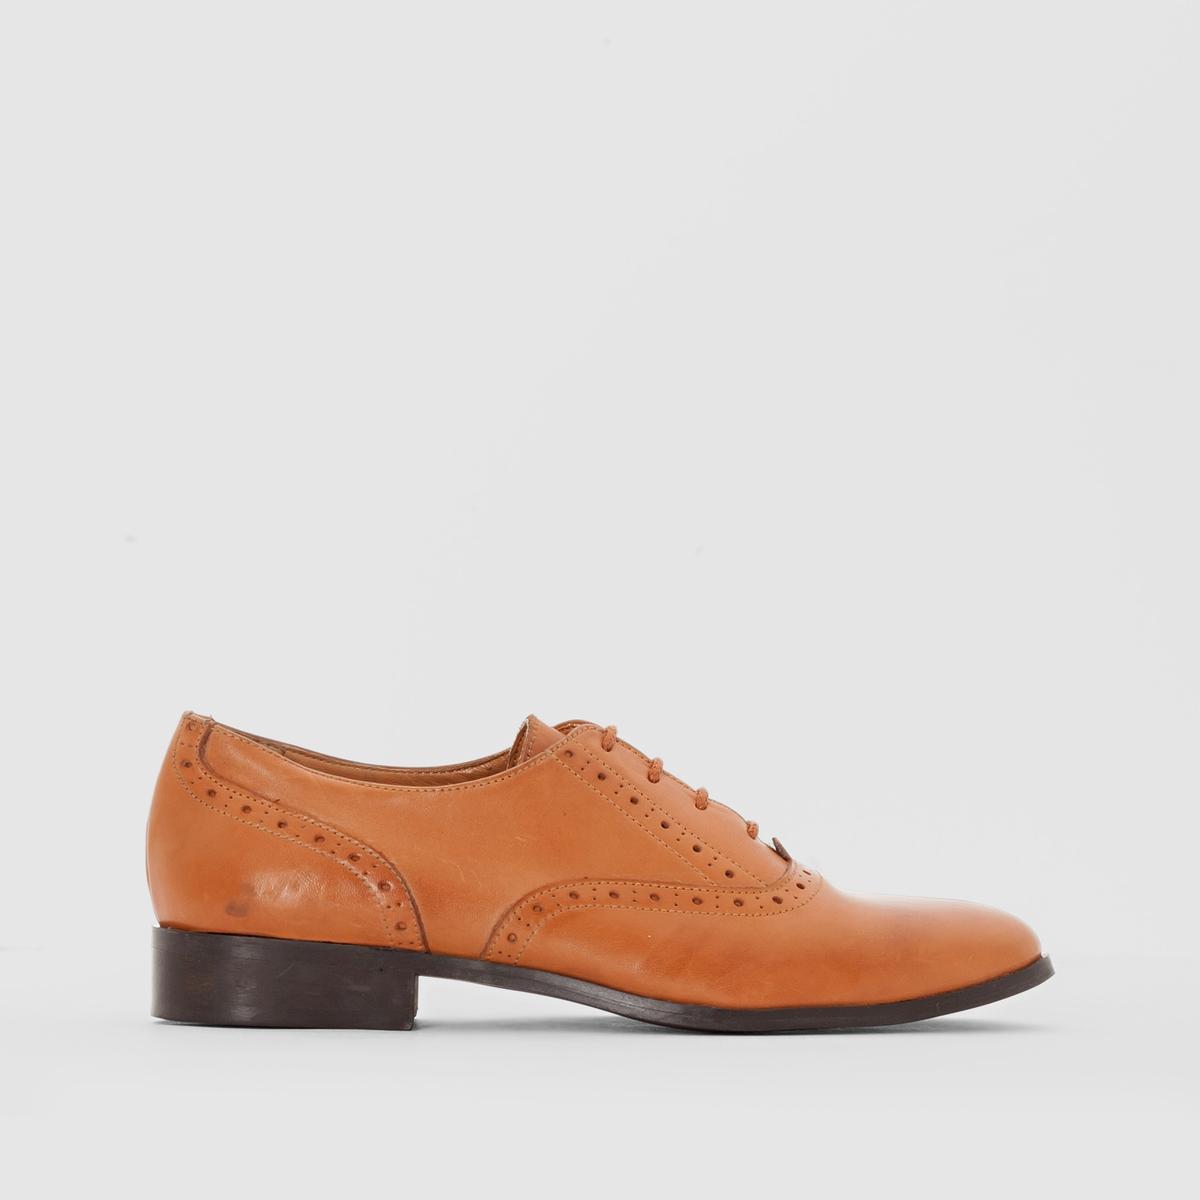 Ботинки-дерби кожаныеПреимущества: перфорированная кожа, стиль нео-ретро, эти ботинки-дерби с лёгкостью будут сочетаться с любыми вашими образами.<br><br>Цвет: темно-бежевый<br>Размер: 39